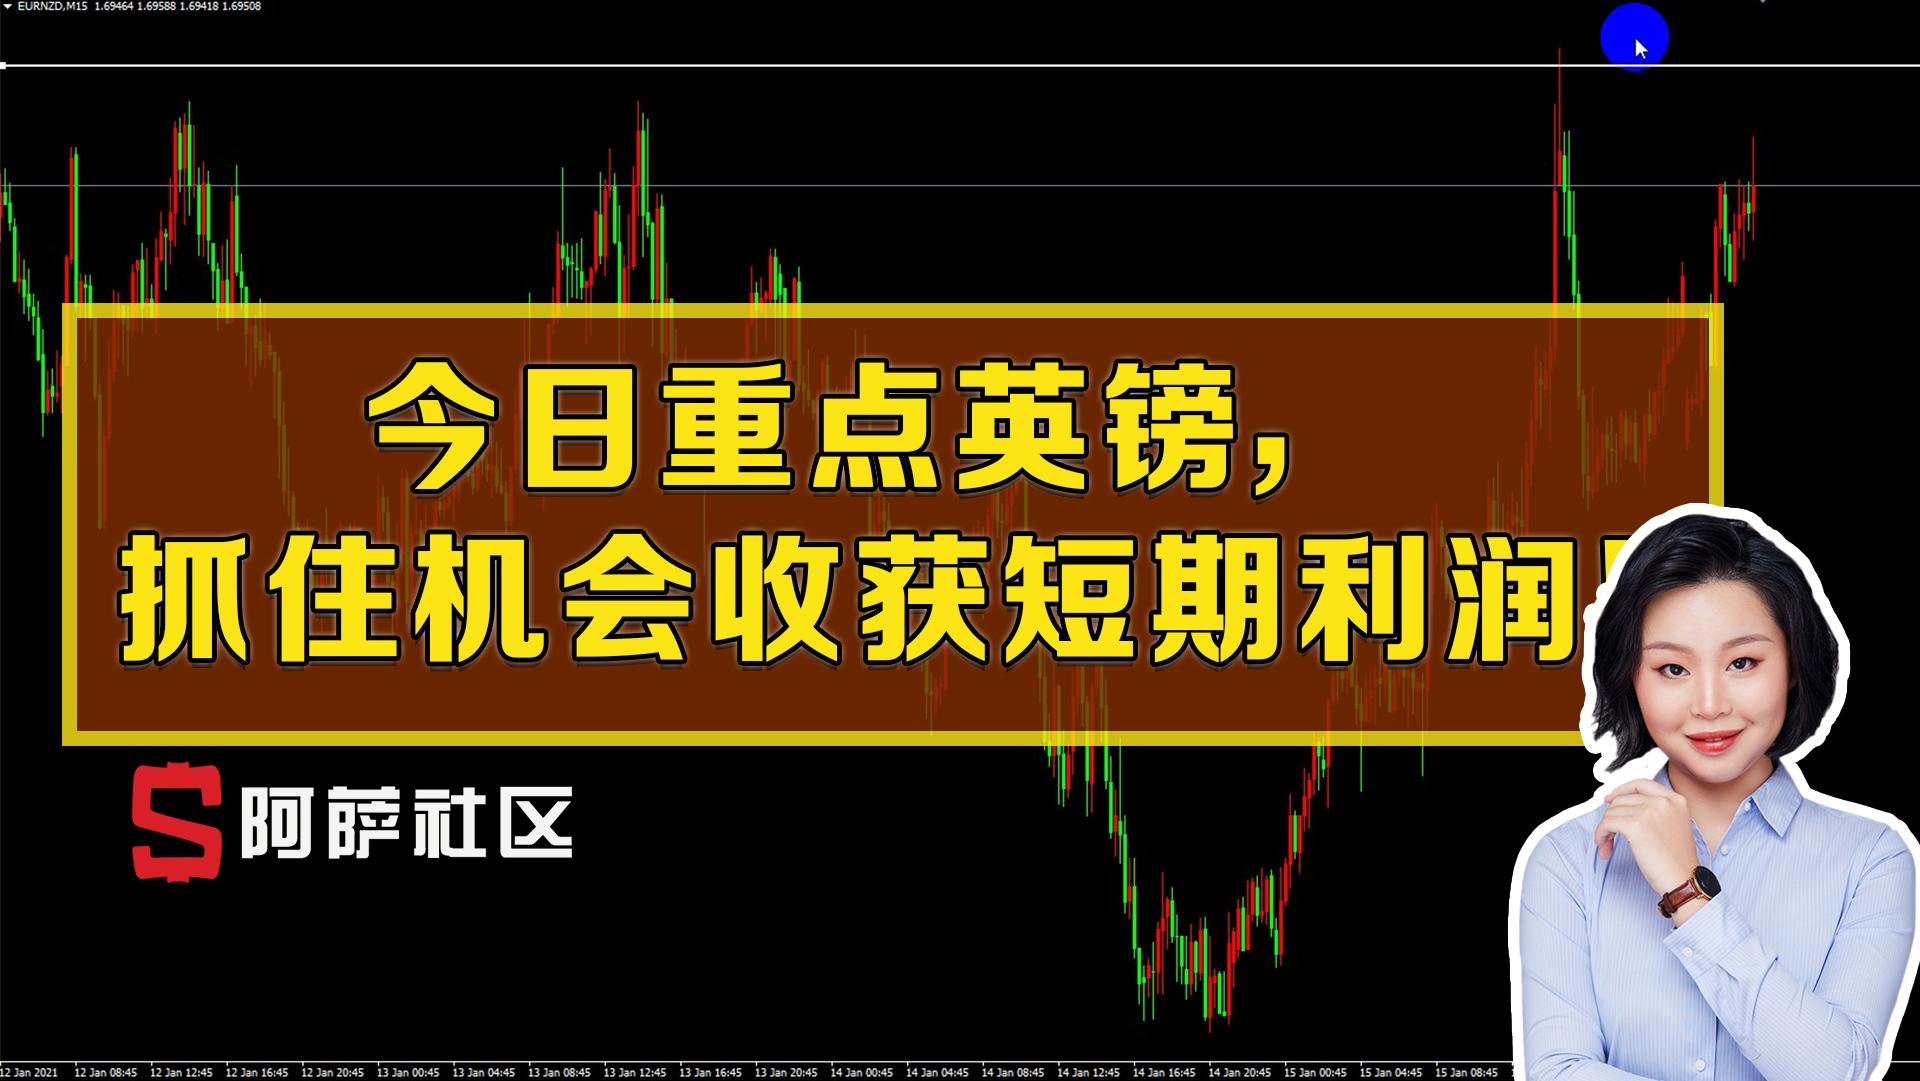 2021-4-07外汇交易,关注红包